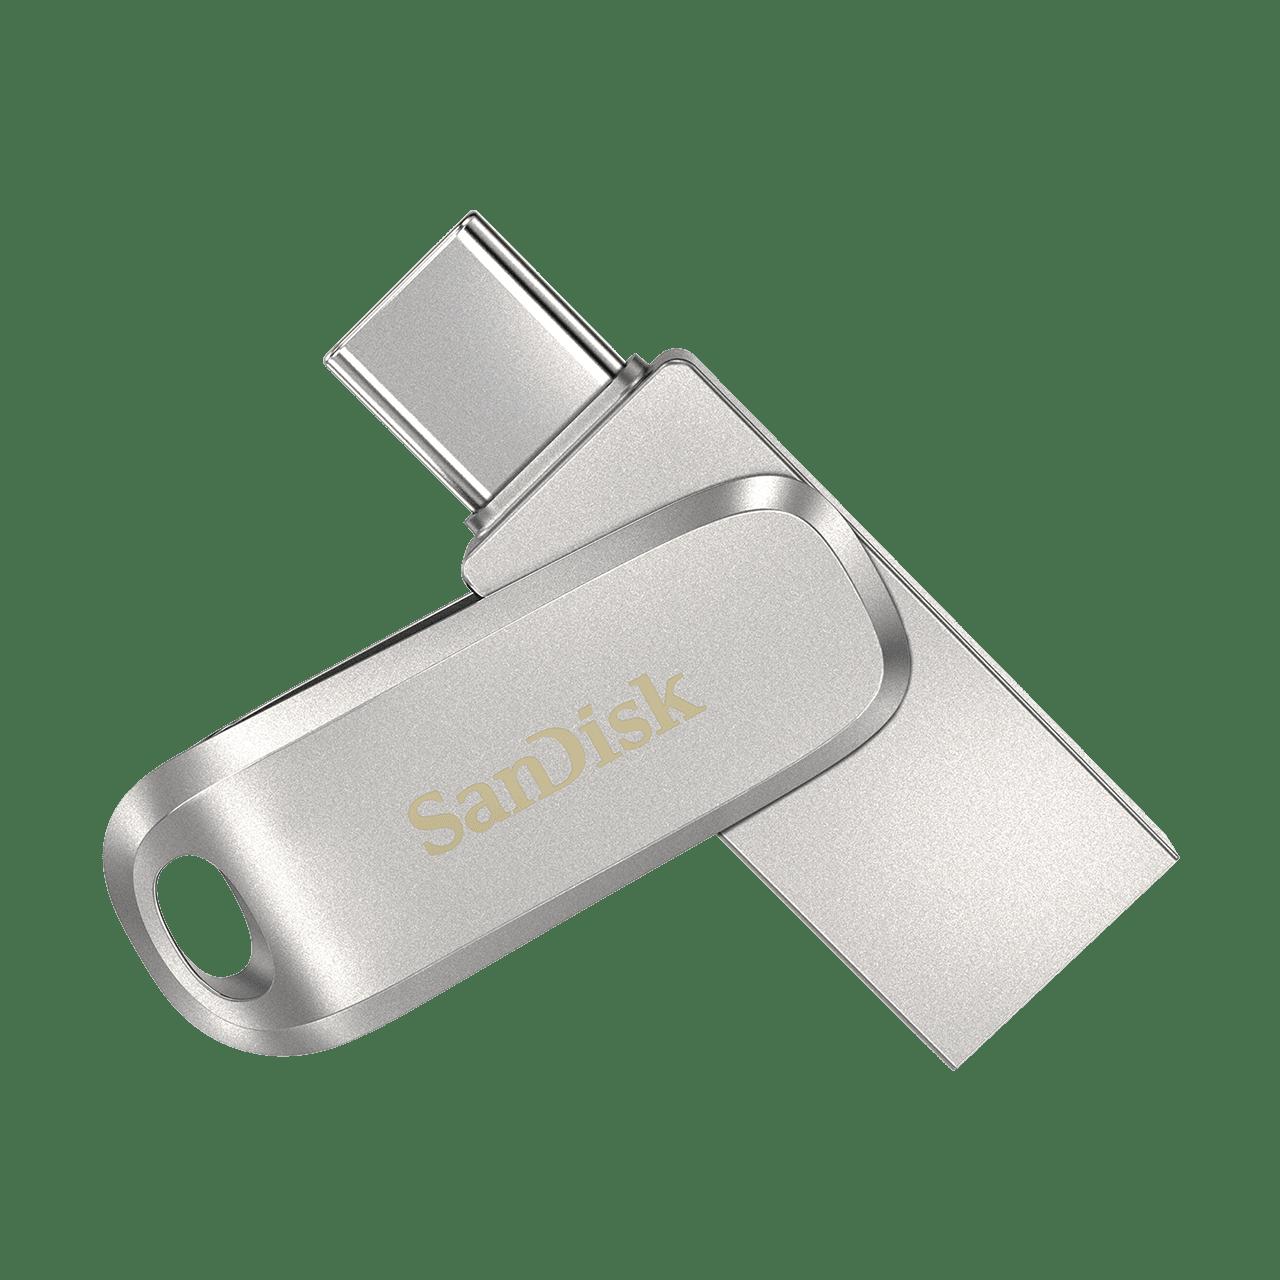 512GB SanDisk Ultra Dual Drive Luxe USB-minne, USB-C+USB 3.1